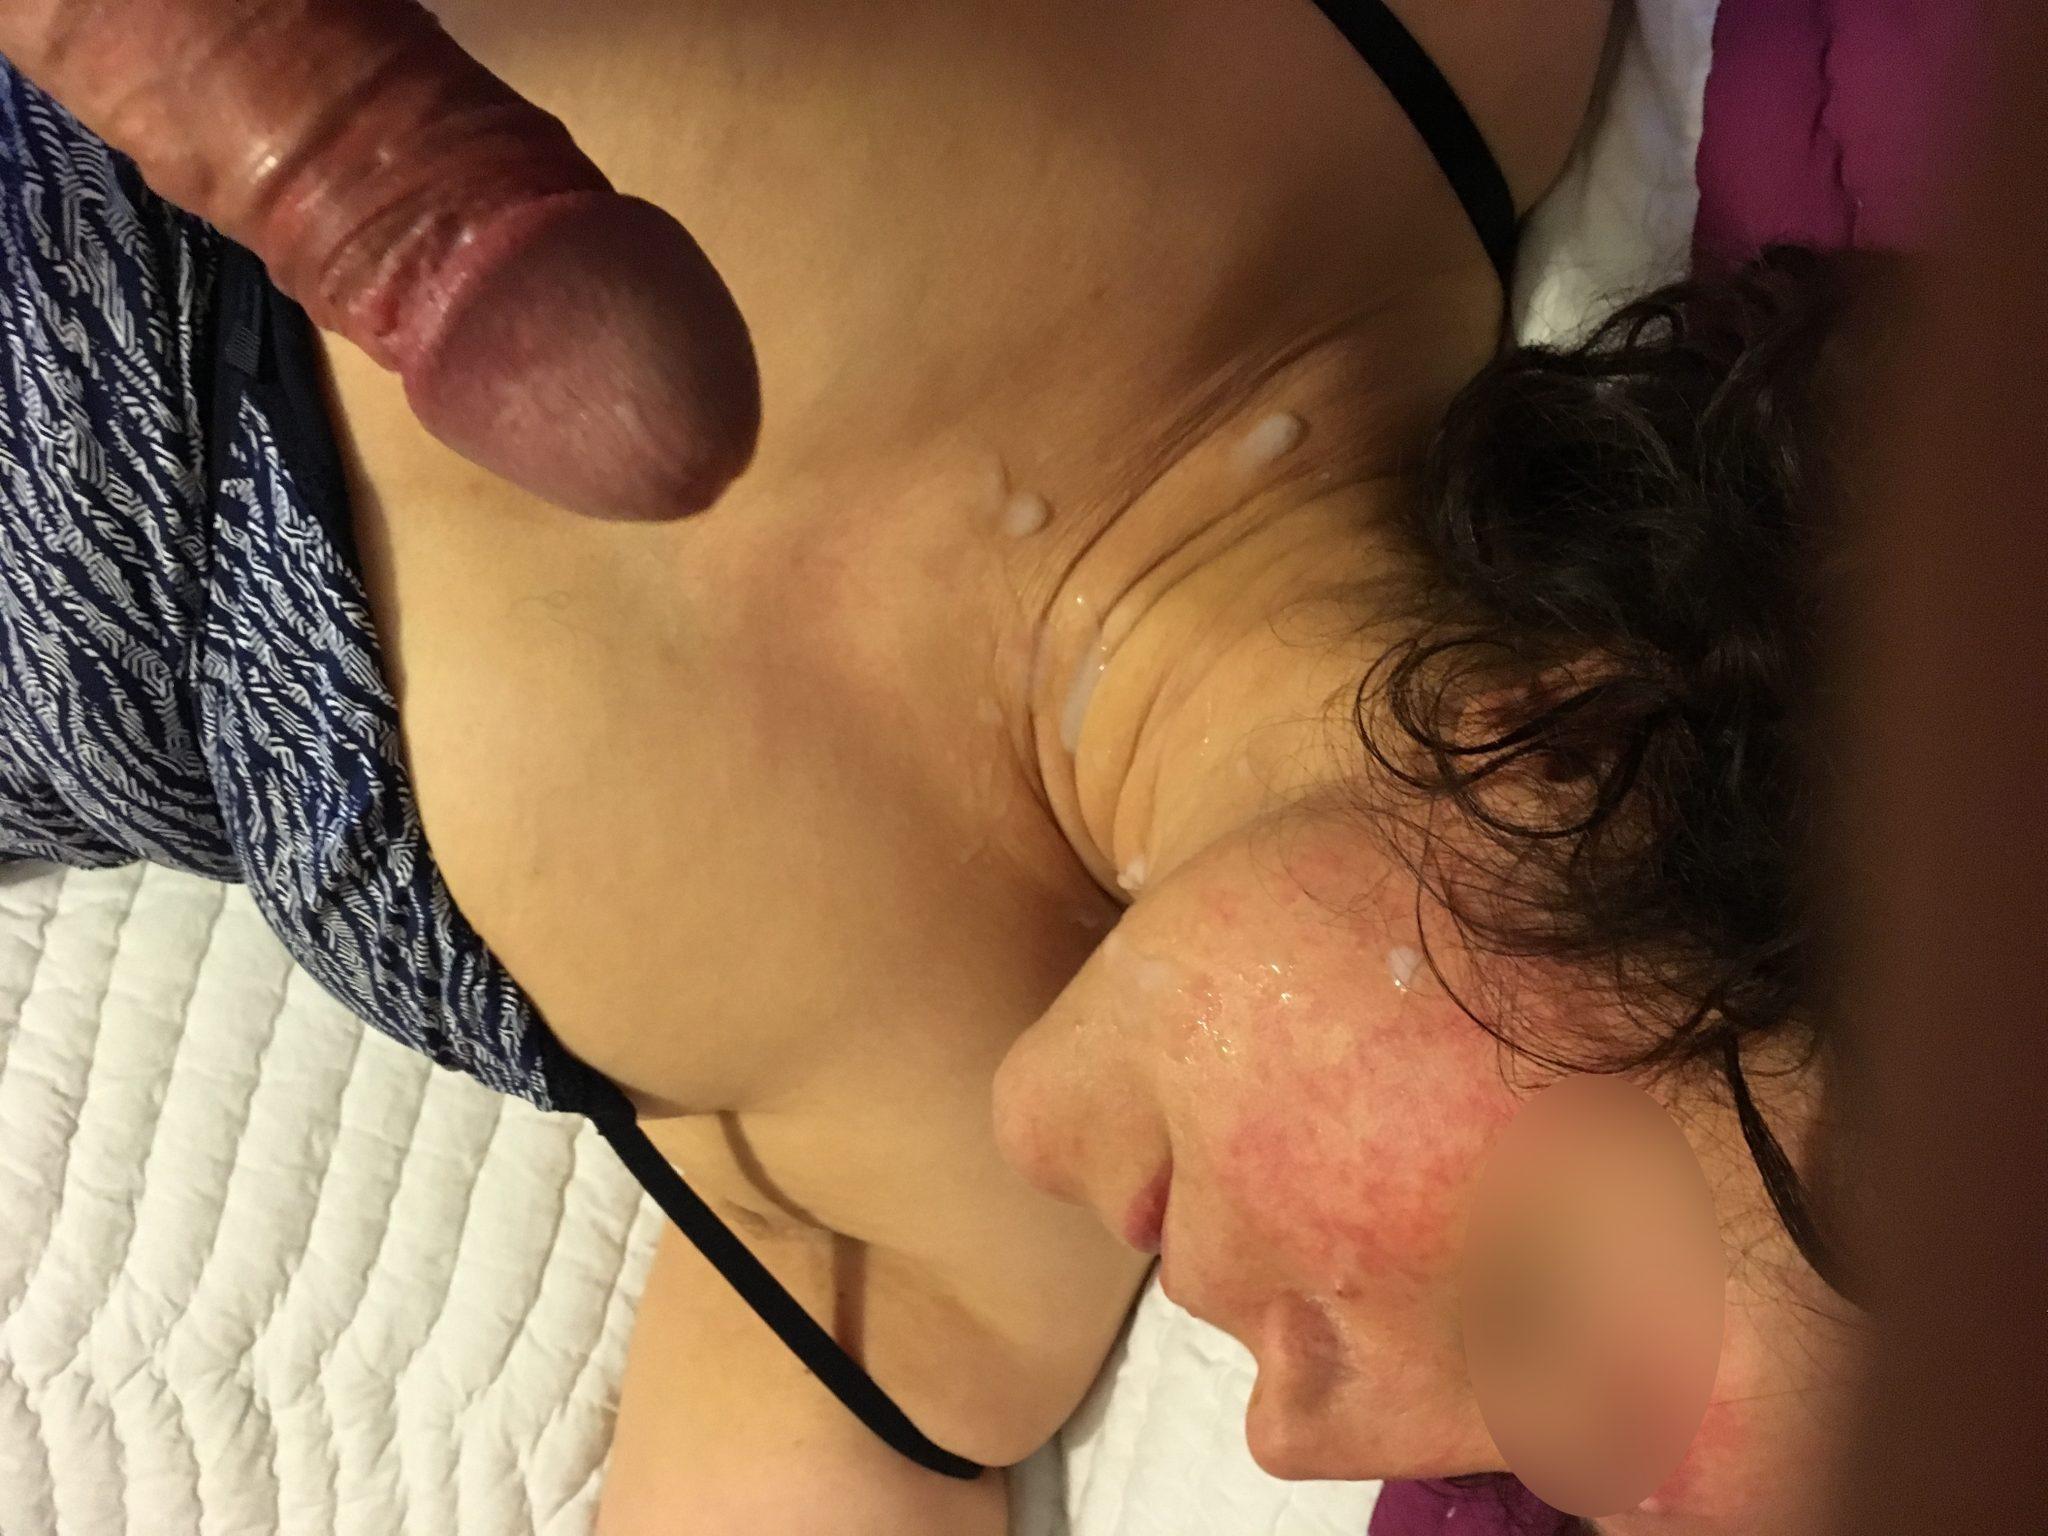 Du sperme en grosse quantit sur le visage de plusieurs